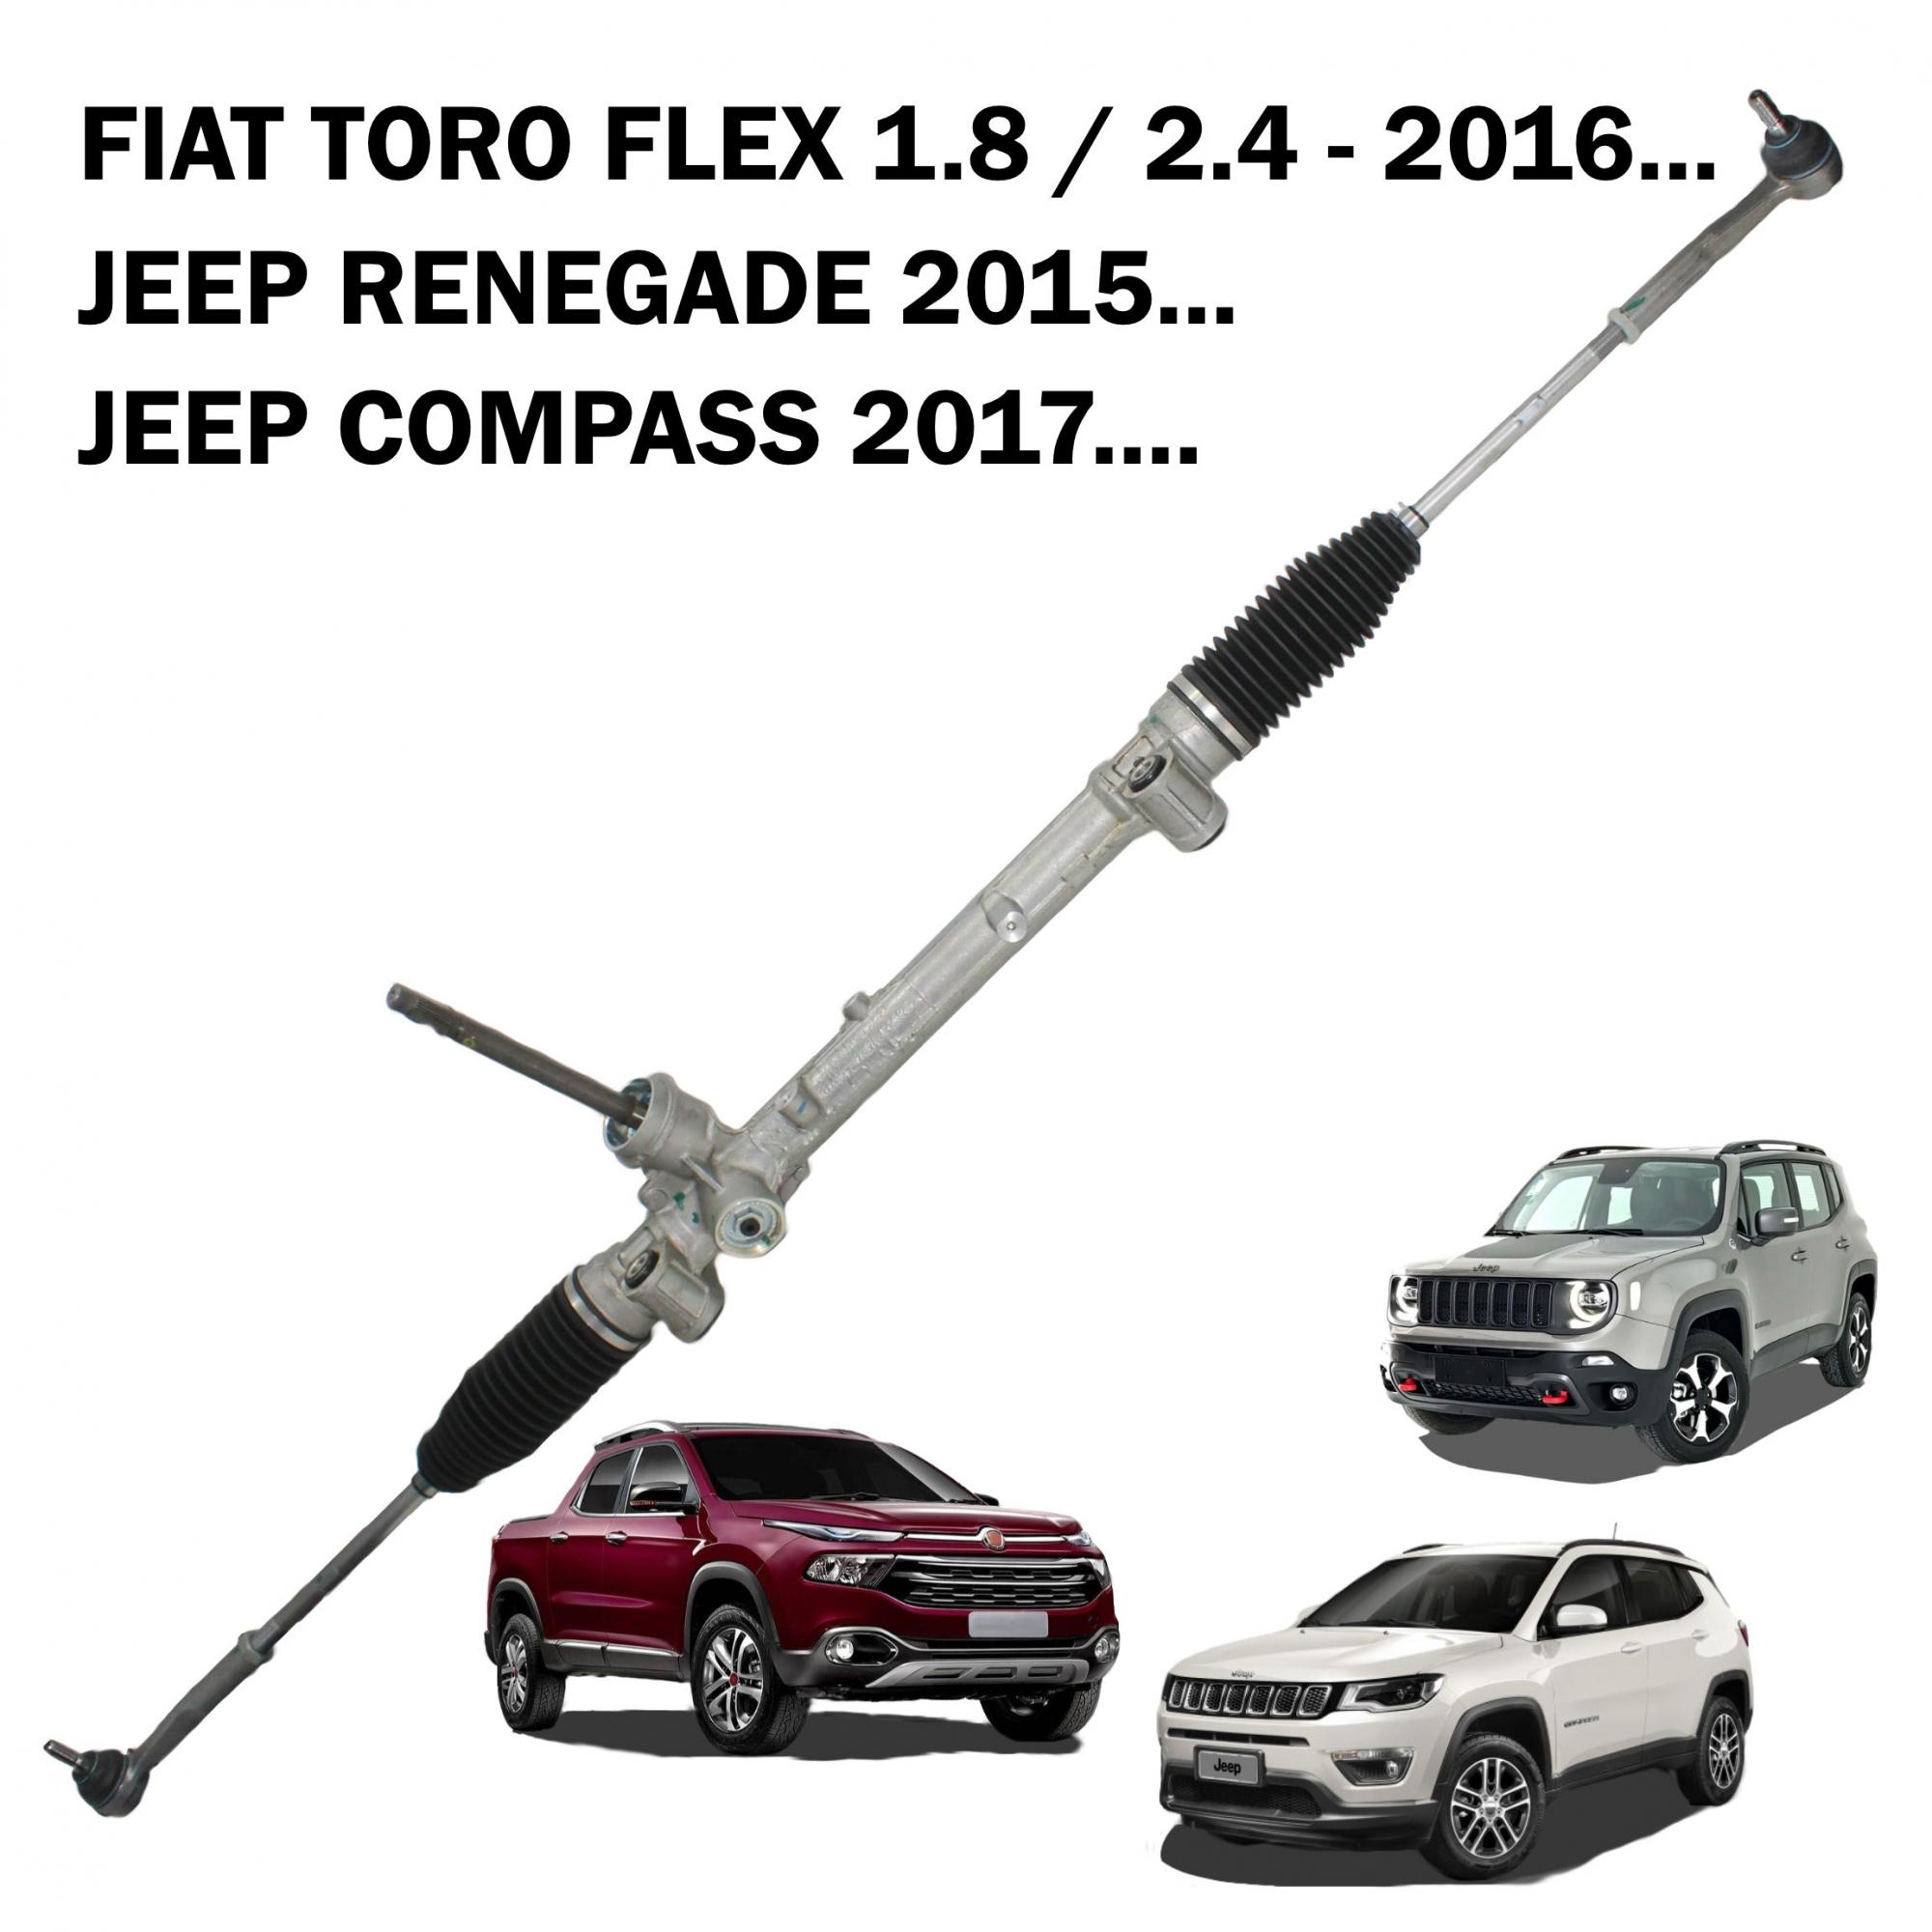 Caixa Direção Mecânica Original Jeep Renegade 2015..., Compass 2017..., Toro 1.8 2.4 (Sistema Elétrico)